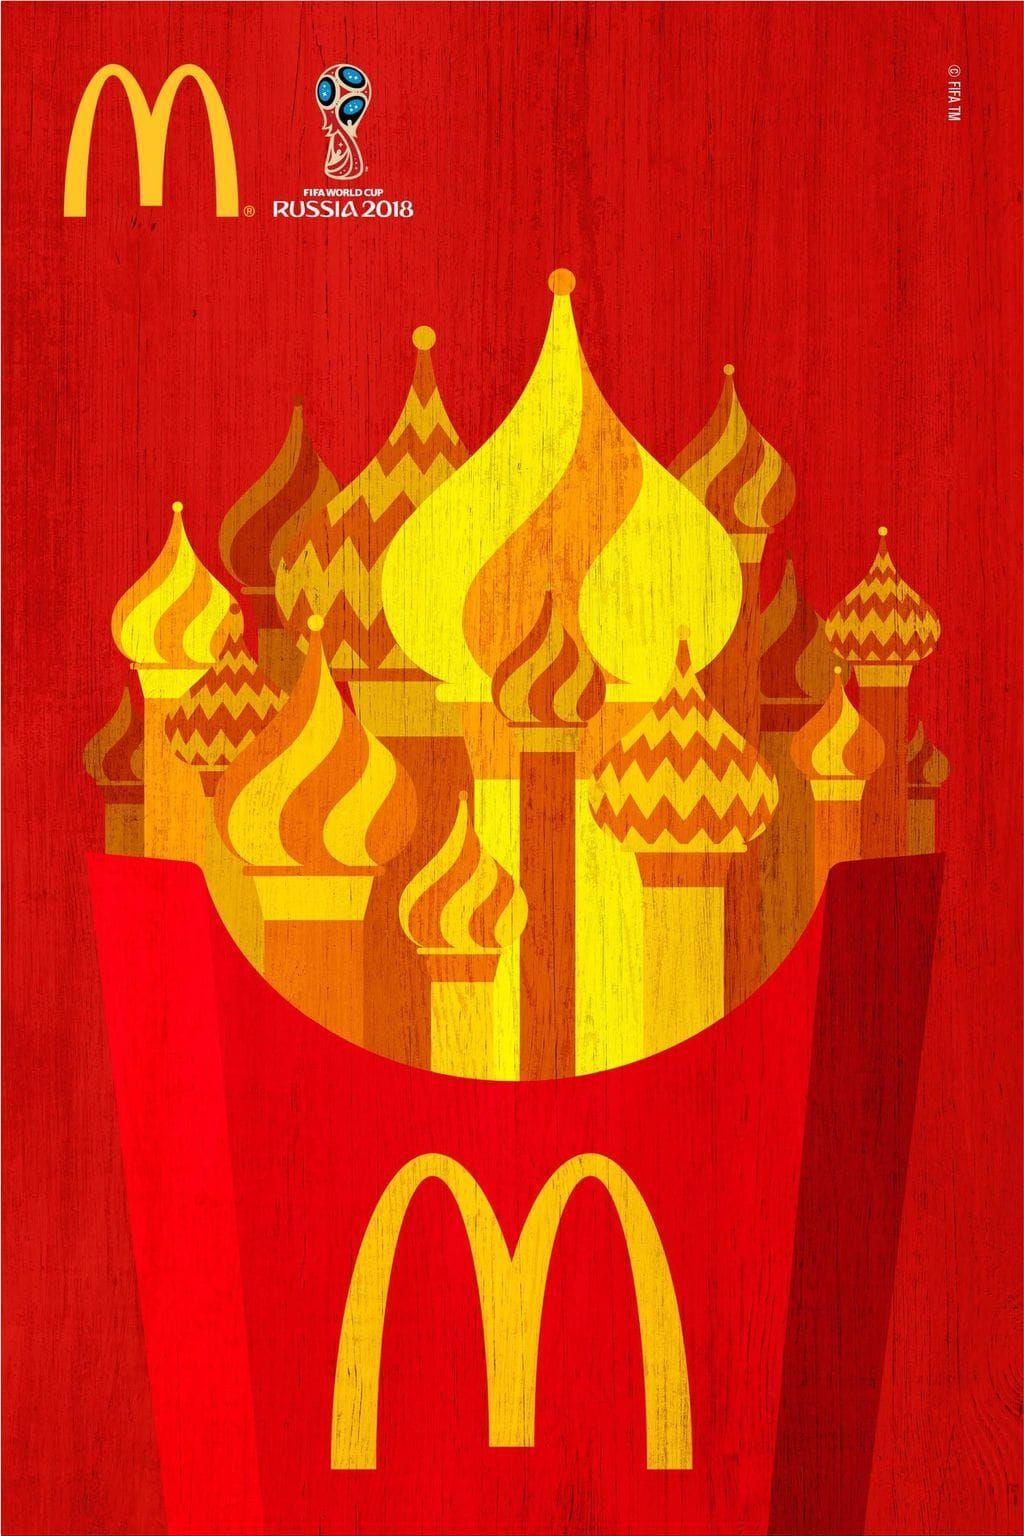 Download Budweiser World Cup 2018 - McDonalds-FIFA-World-Cup-ads-02car22247  Trends_98781 .jpg